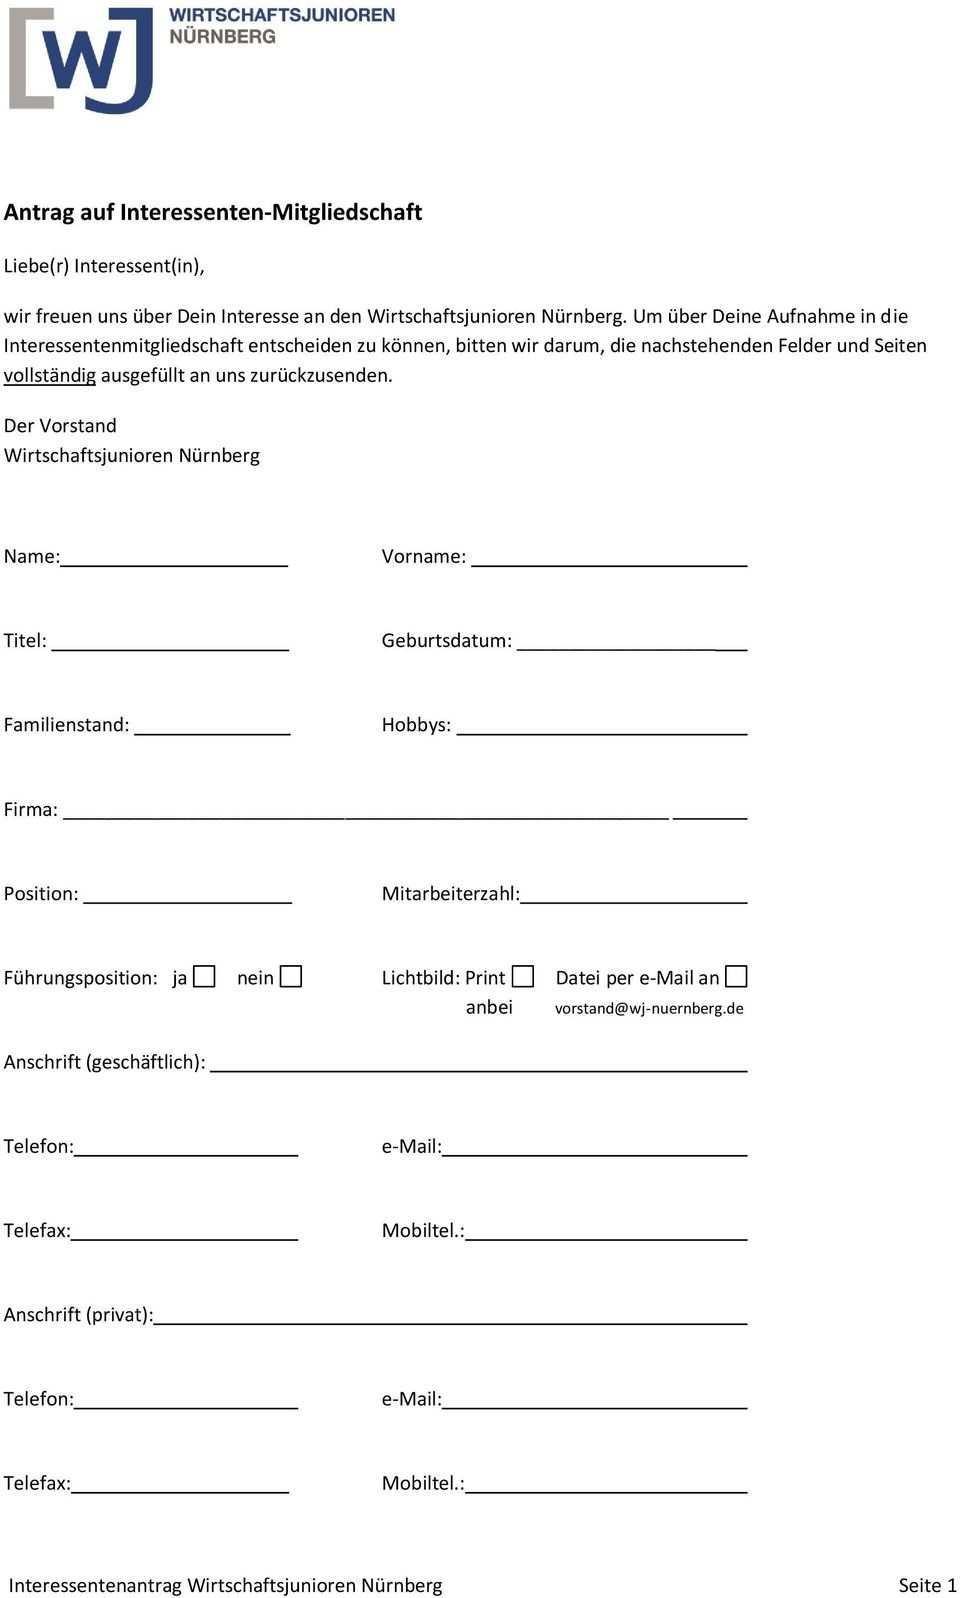 Antrag Auf Interessenten Mitgliedschaft Pdf Kostenfreier Download